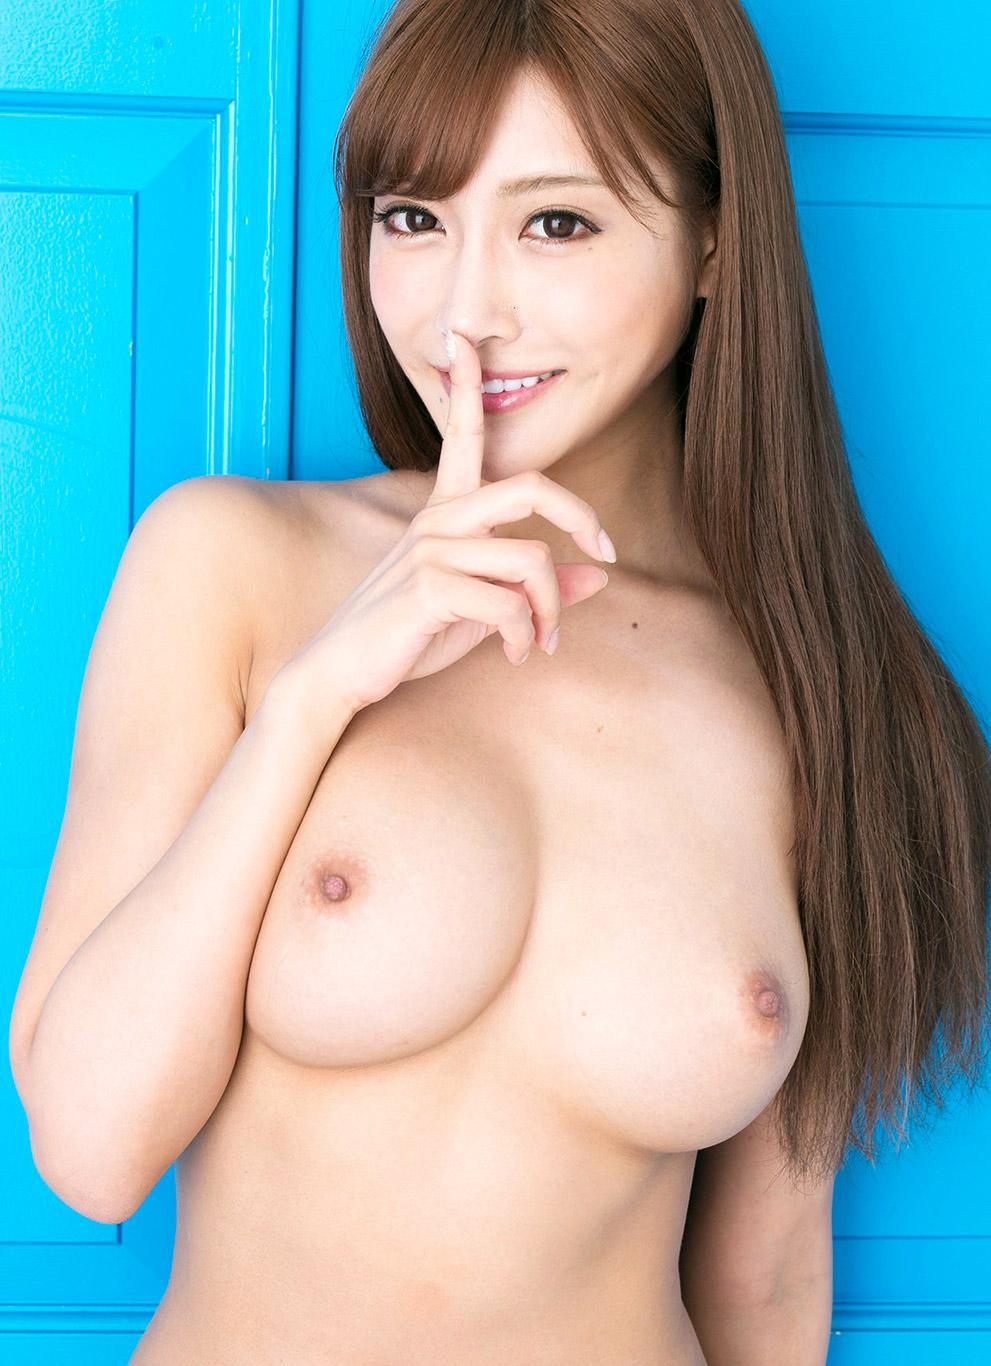 Фото с красивыми голыми азиатками, лесбиянки зрелые женщины лесбиянки